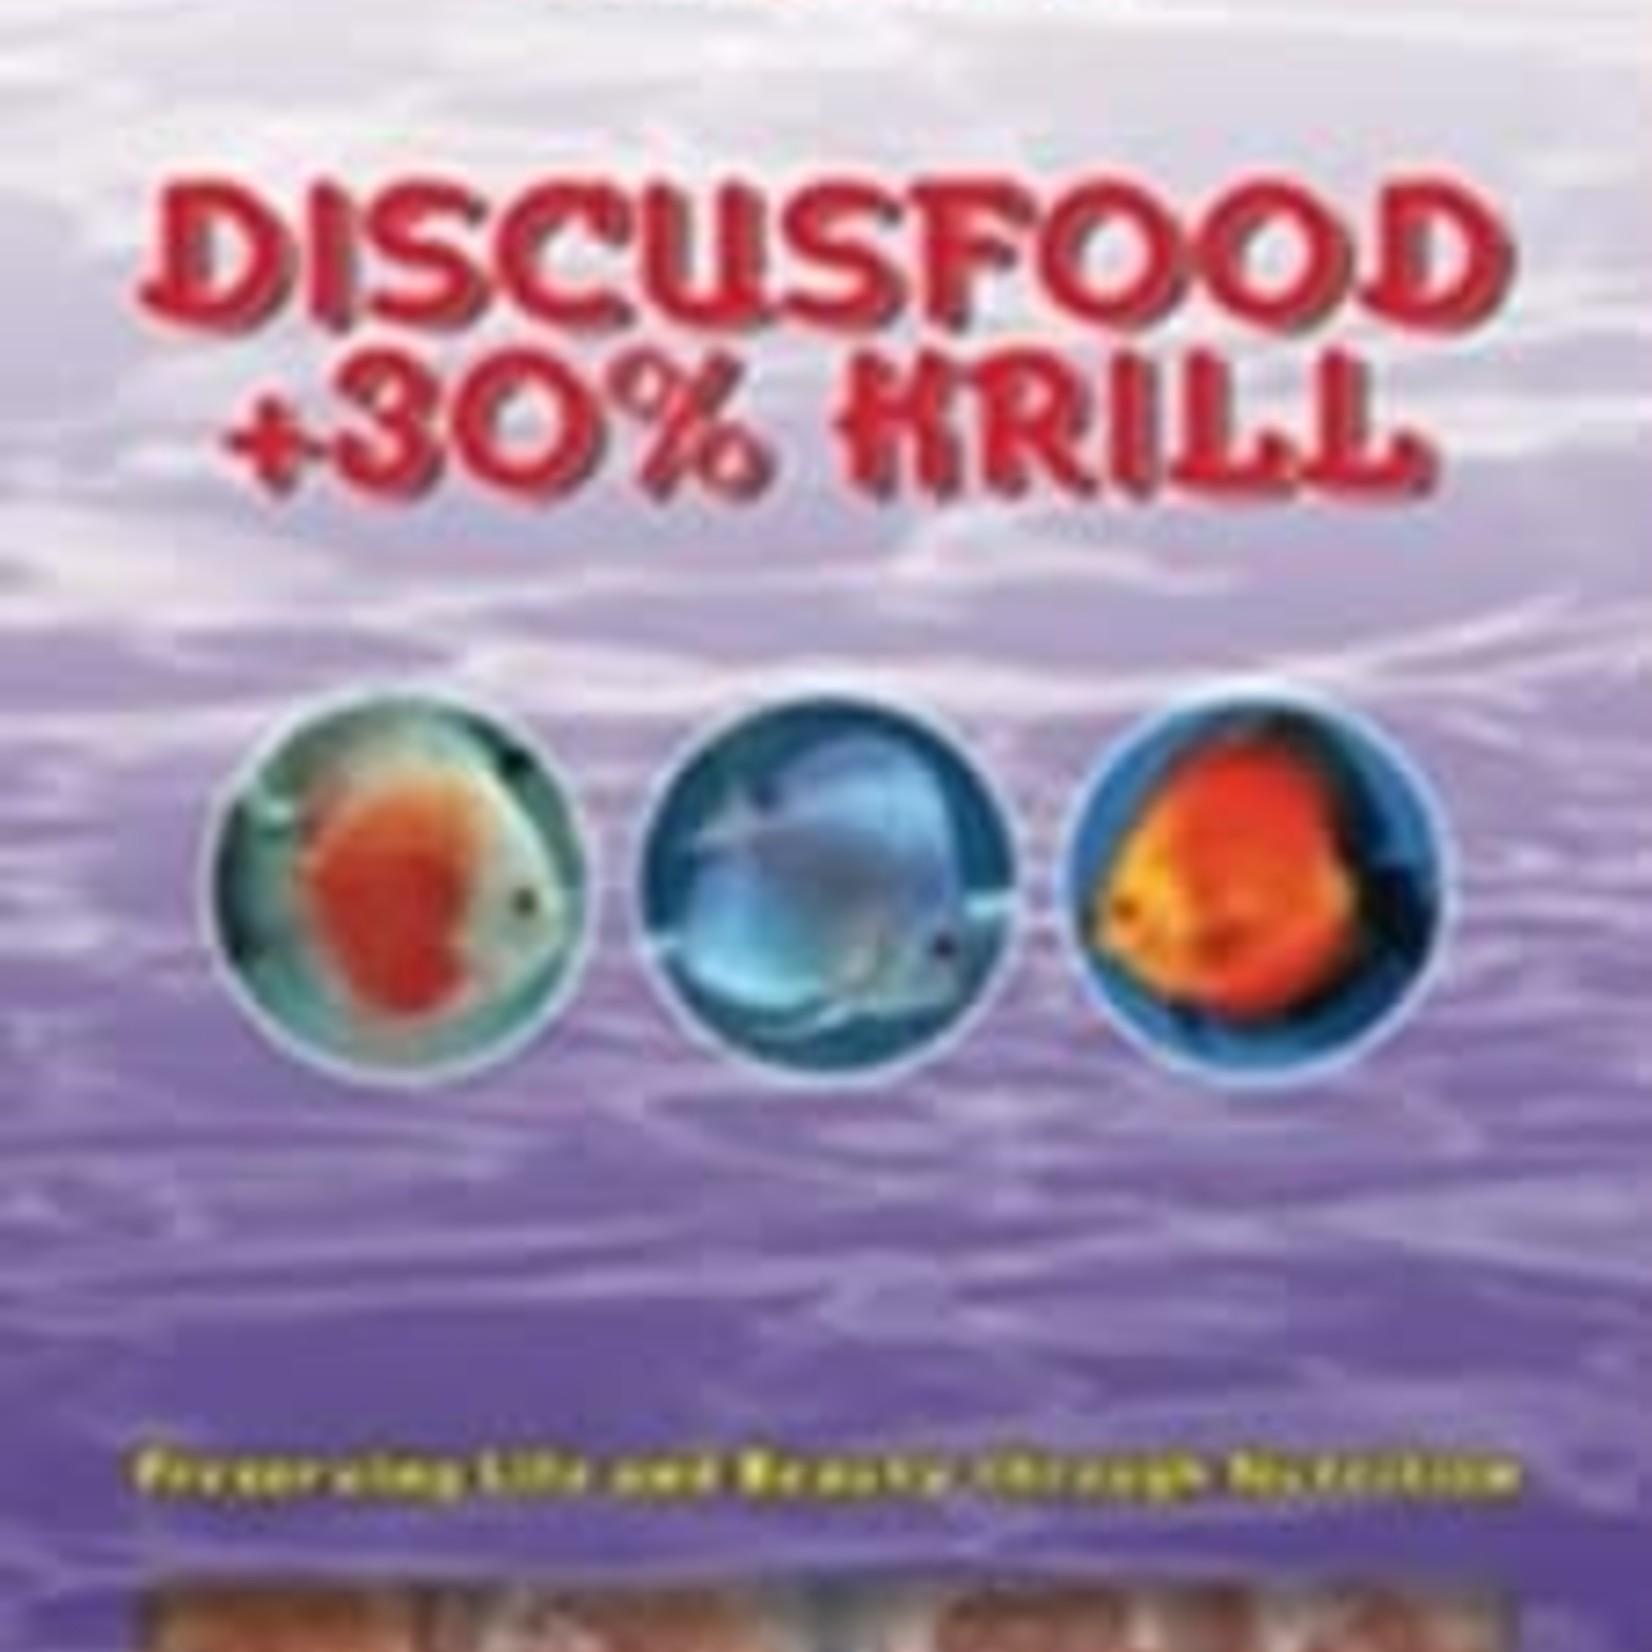 Ocean Nutrition discusvoer + 30% krill 100gr